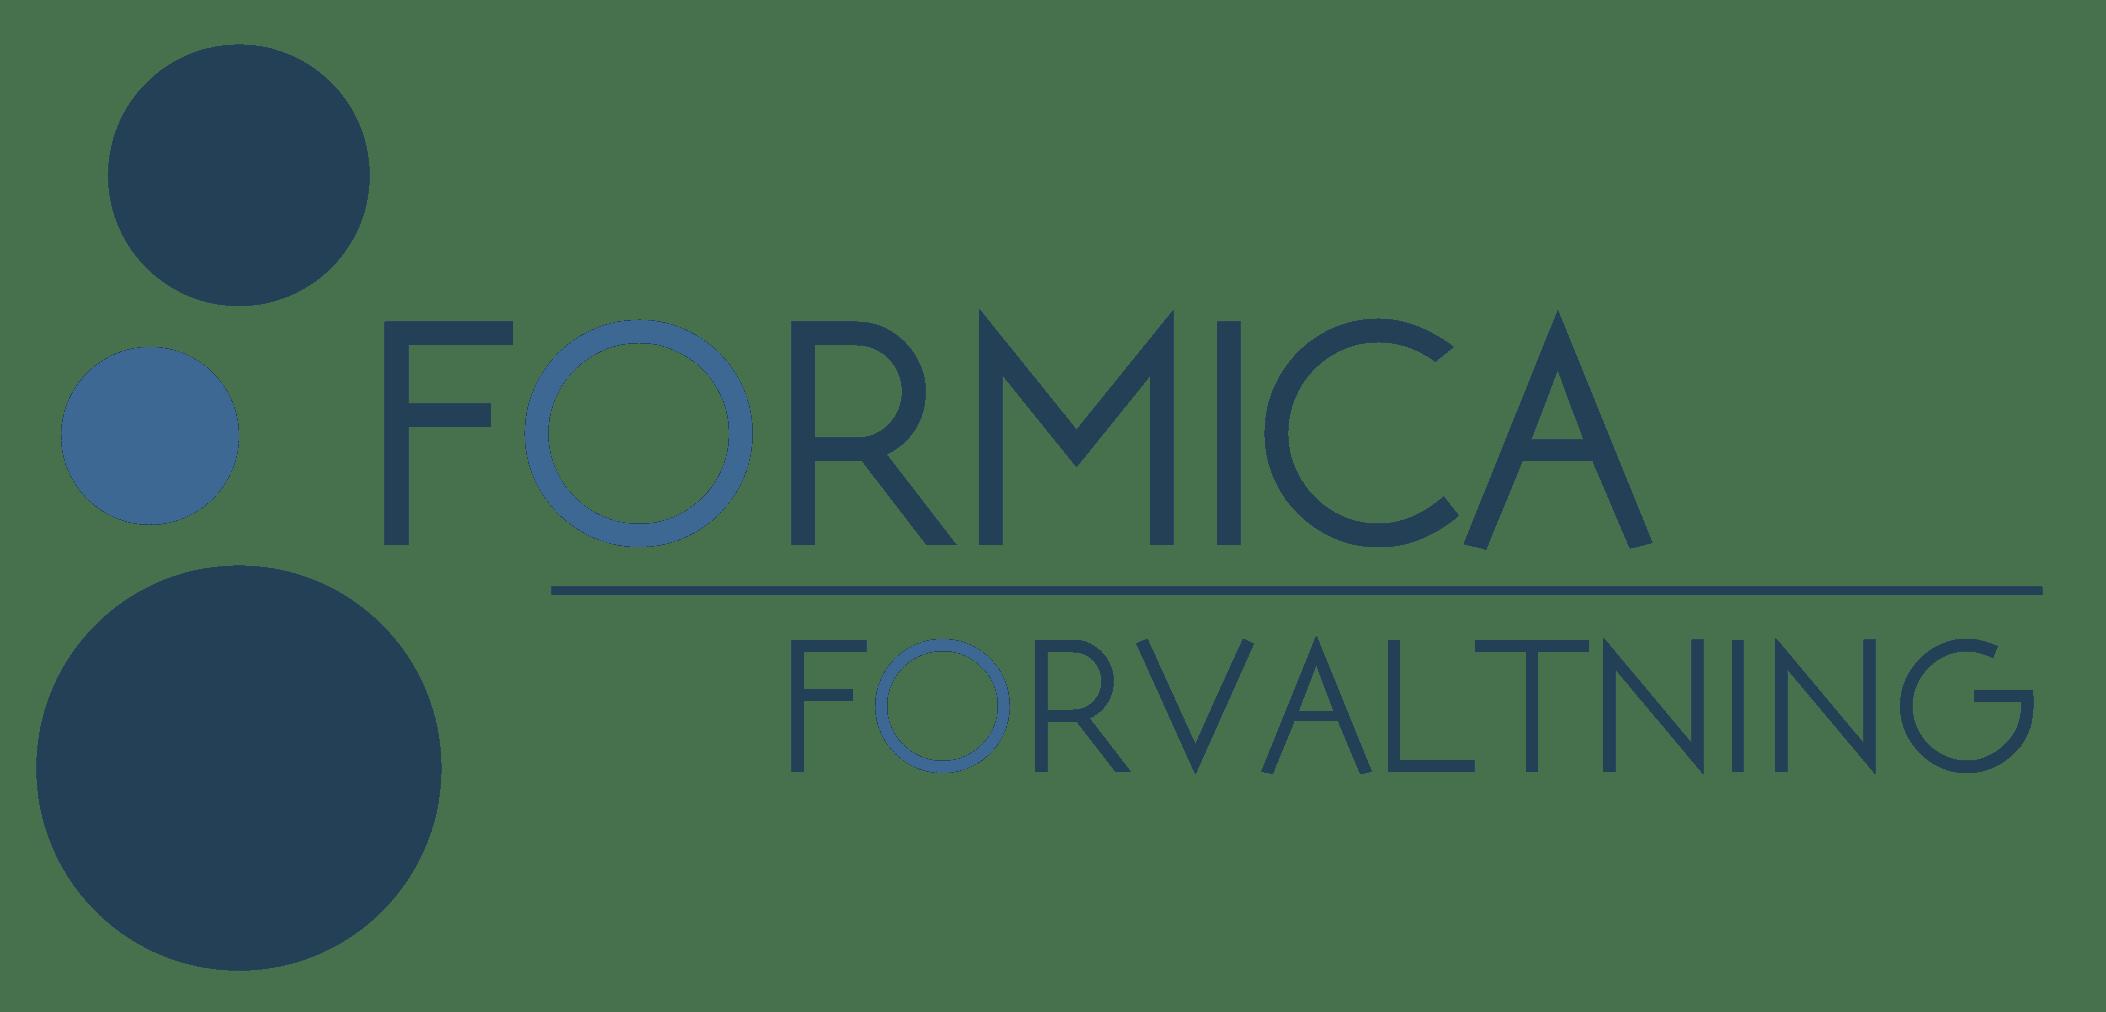 Formica Forvaltning